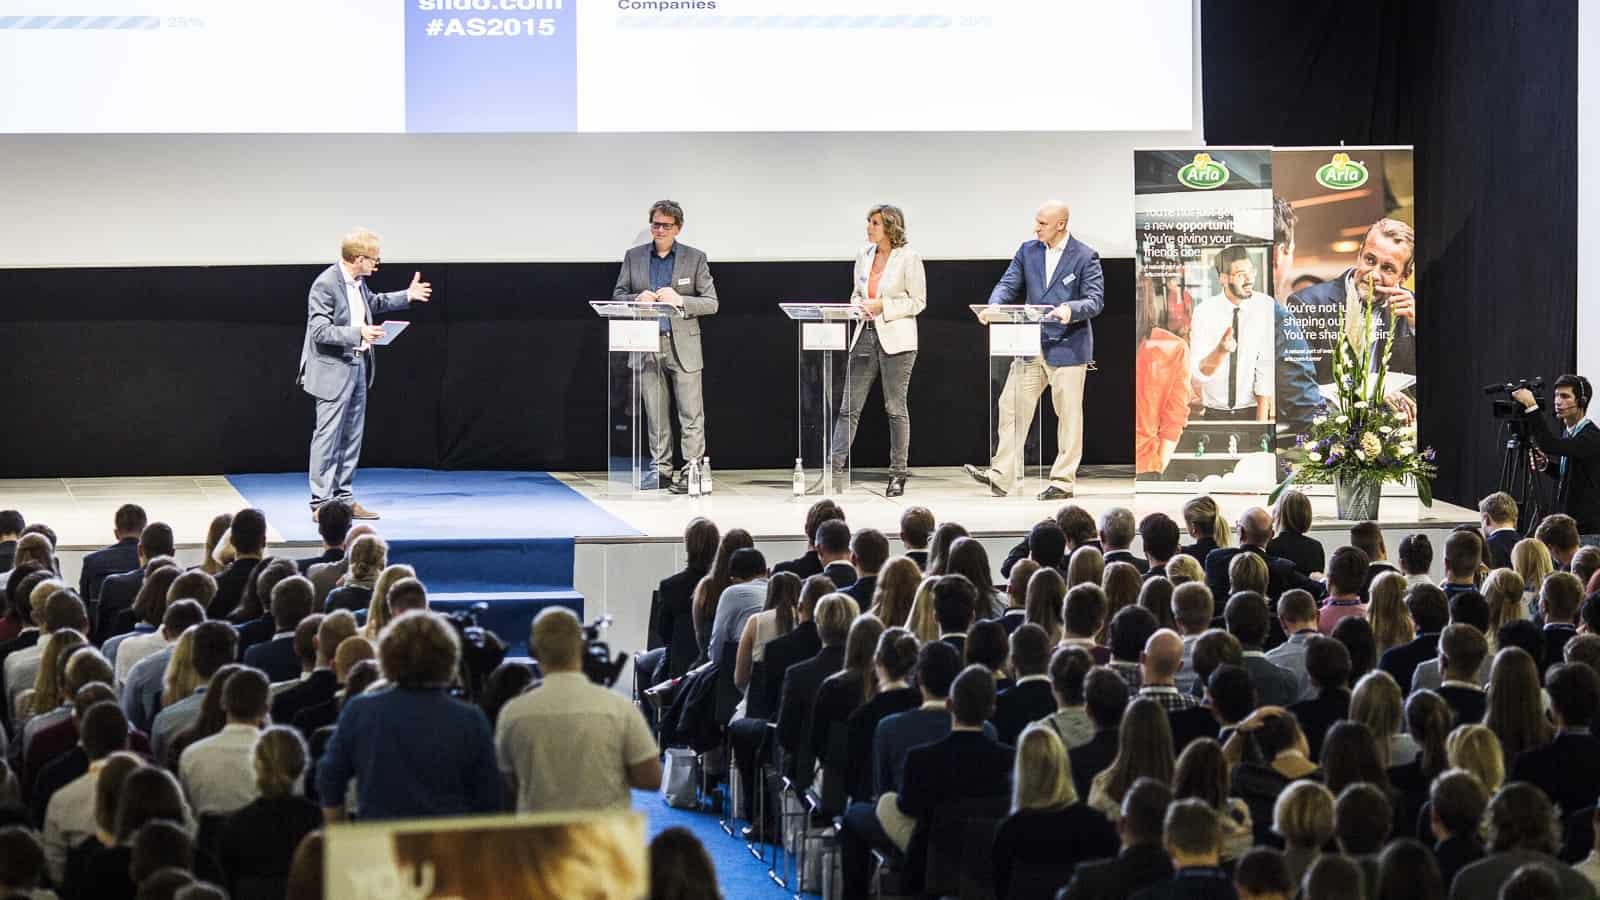 0006b_Aarhus-Symposium_AT_4342-web_WEBPAGE.jpg